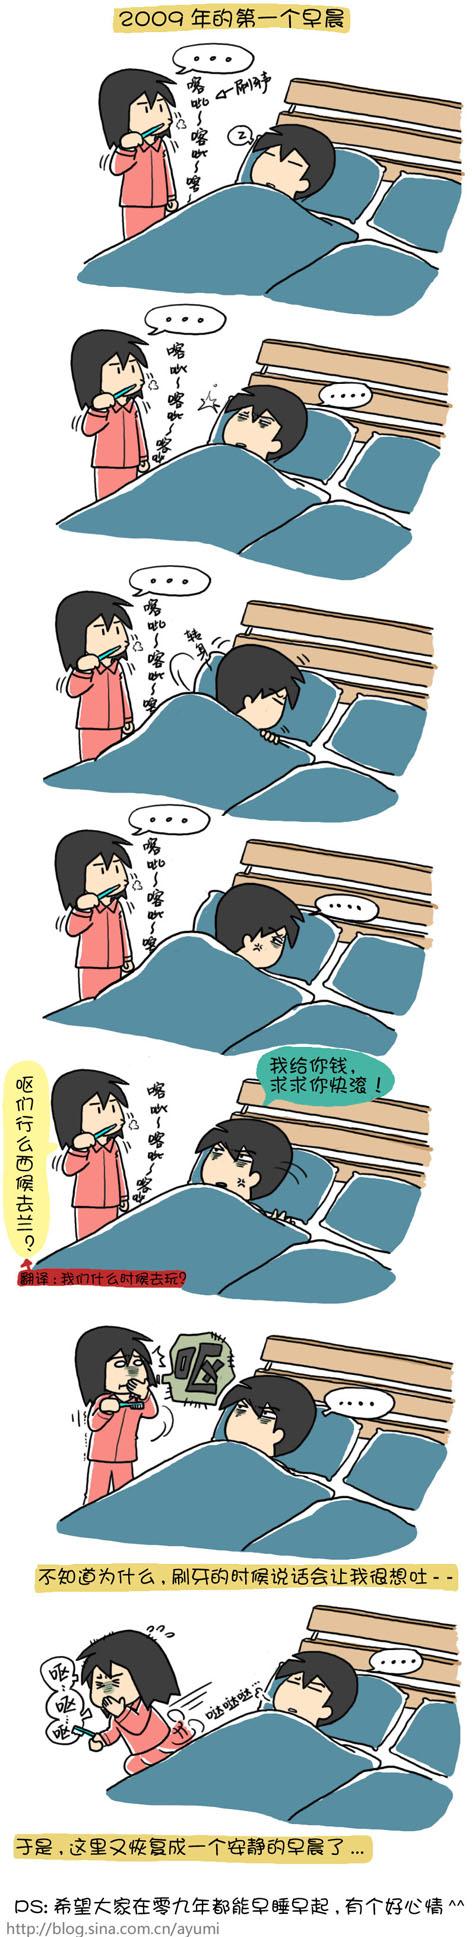 2009年第一个早晨 - 小步 - 小步漫画日记